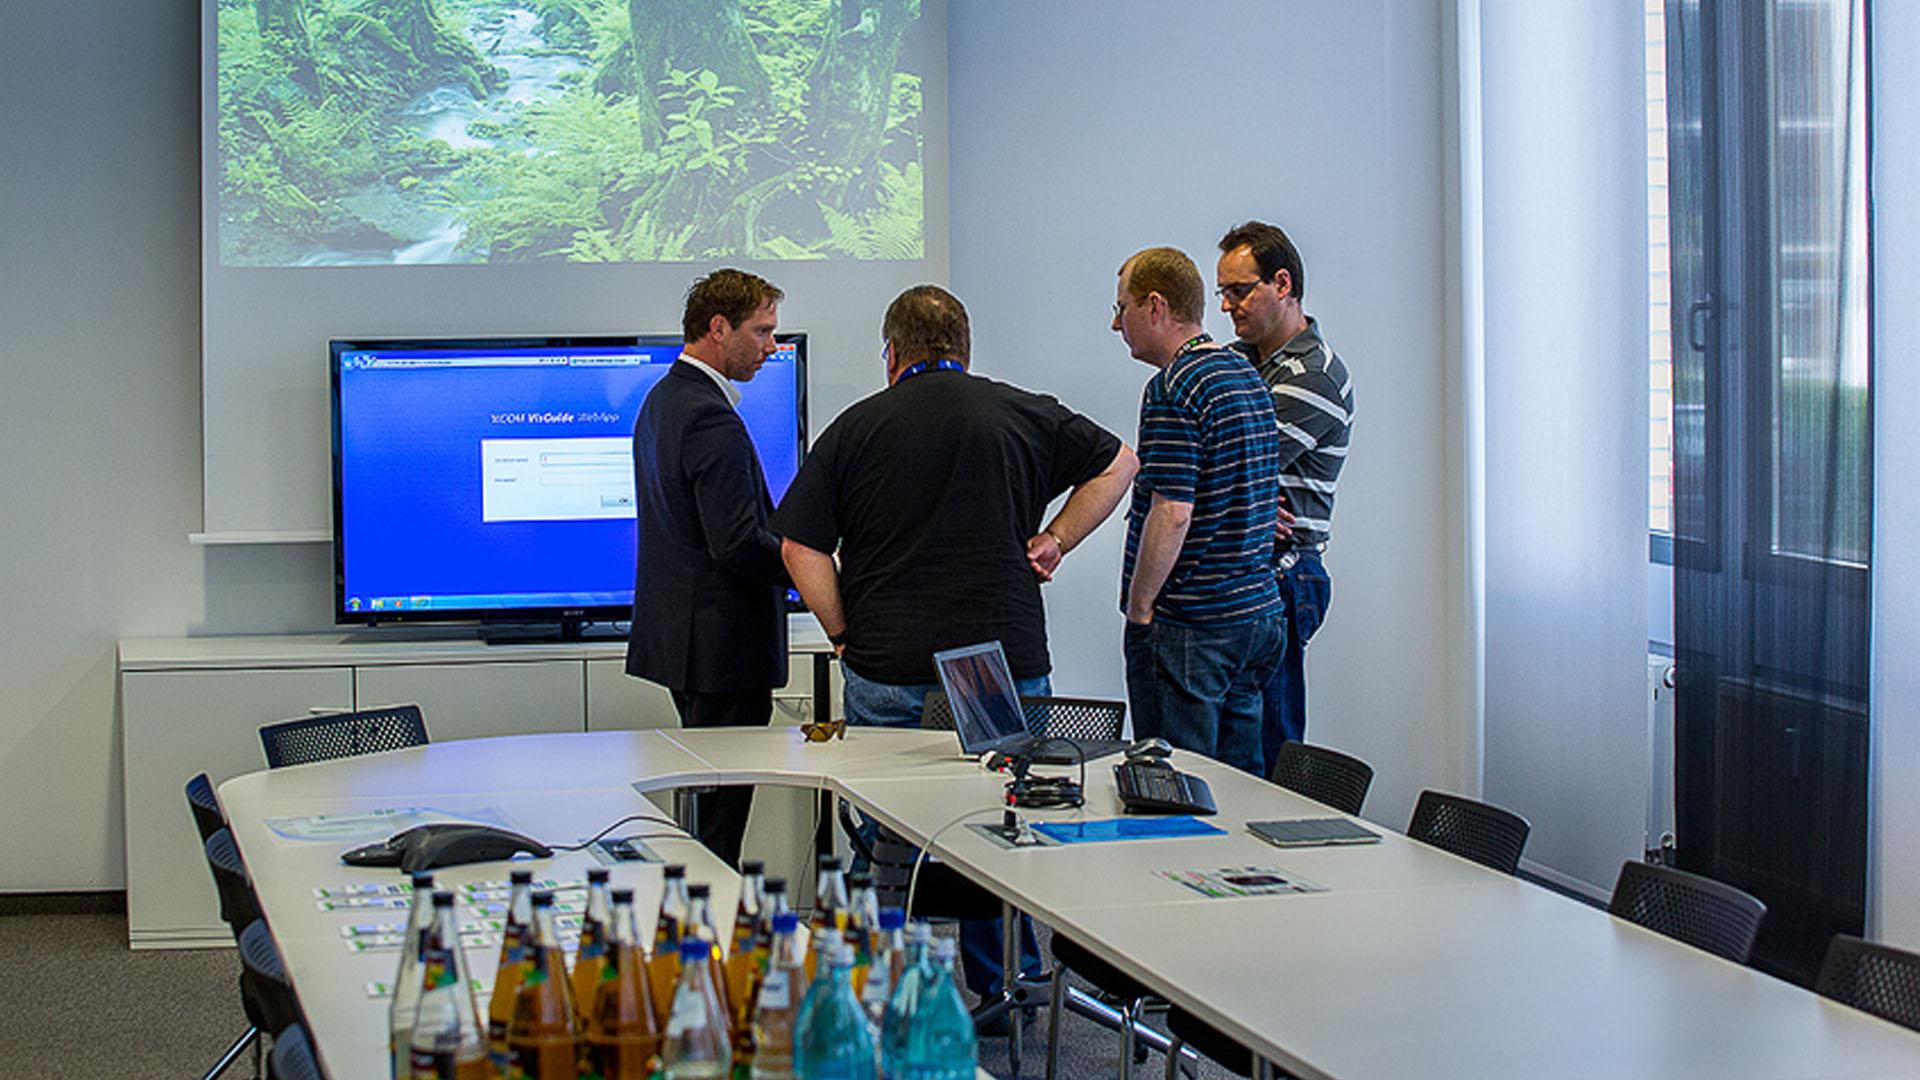 MAASS-Lichtplanung_Planung von Konferenzzentrum__MAASS-Trilounge-006